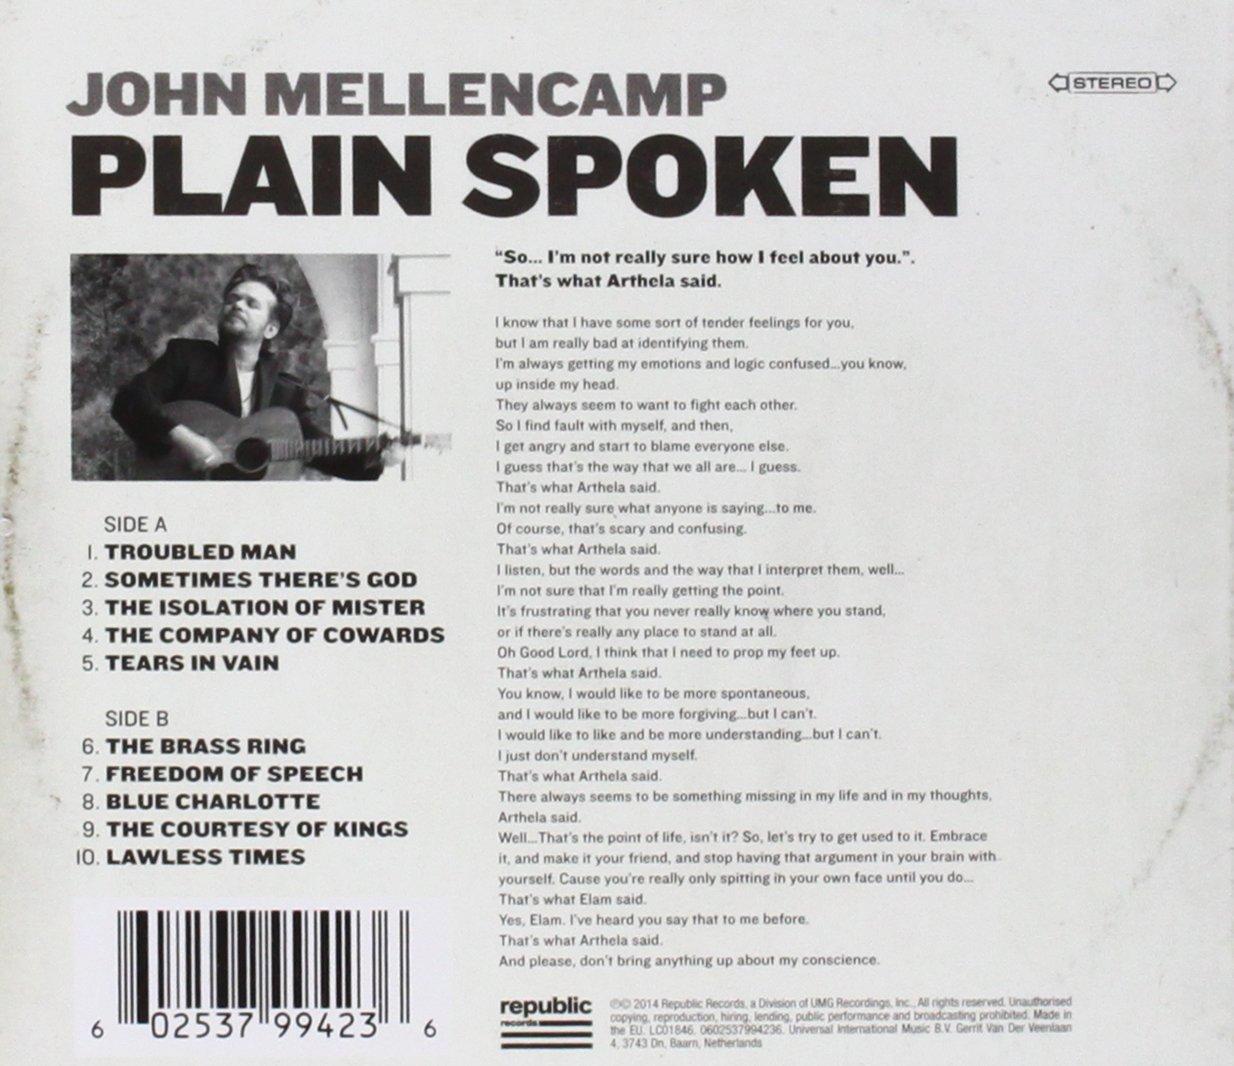 John Mellencamp Plain Spoken